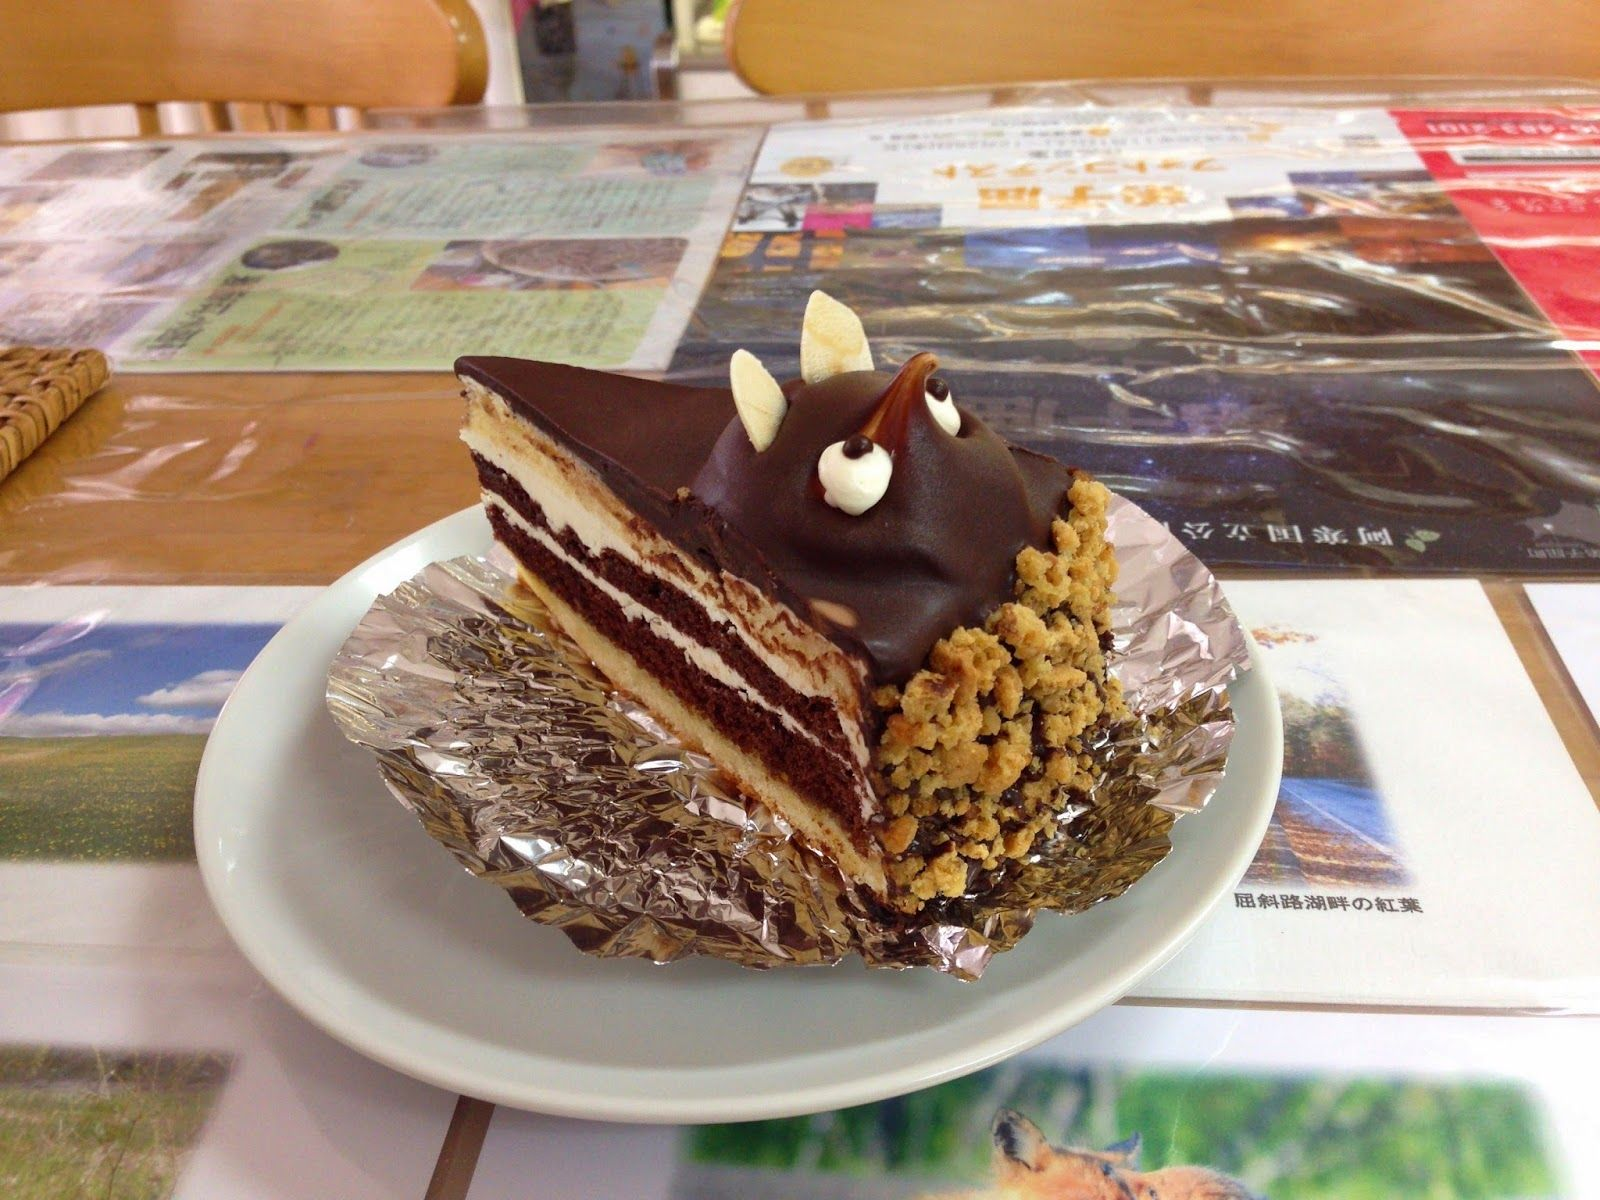 たぬきケーキのあるとこめぐり 全国たぬきケーキ生息マップ ポン太 風月堂 北海道弟子屈町 ケーキ たぬき 菓子